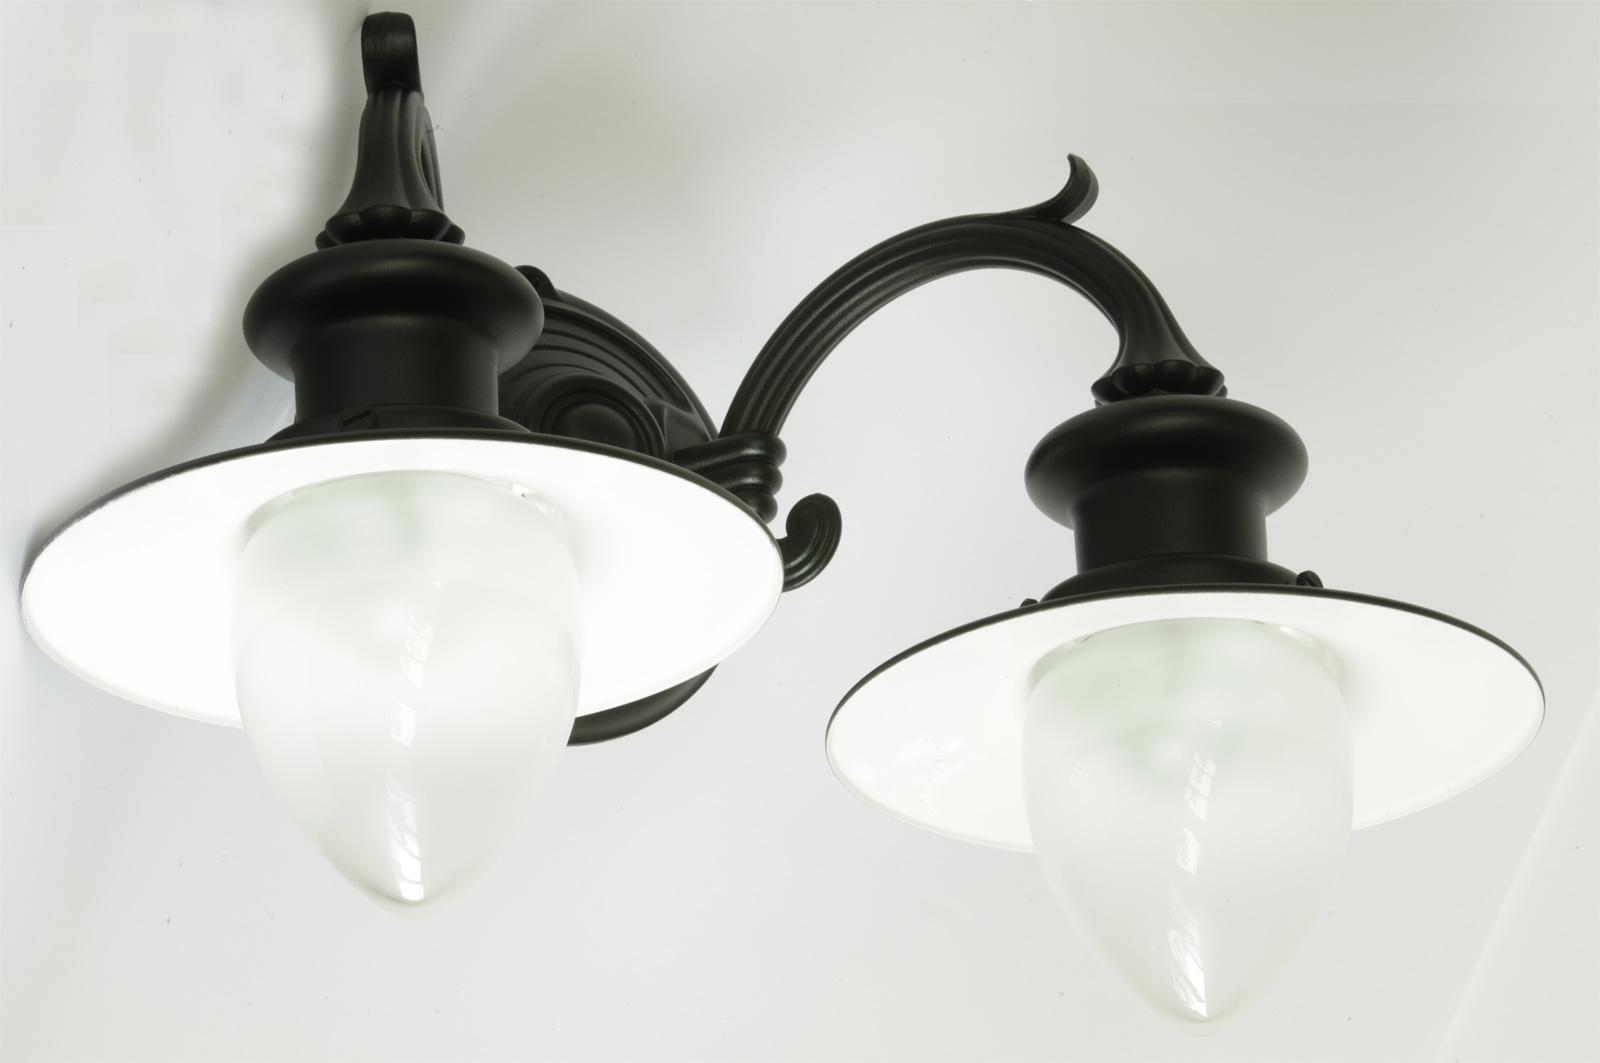 Zweiflammige wandlampe f r au en mit spitzzylindern terra lumi - Aussen wandlampe ...